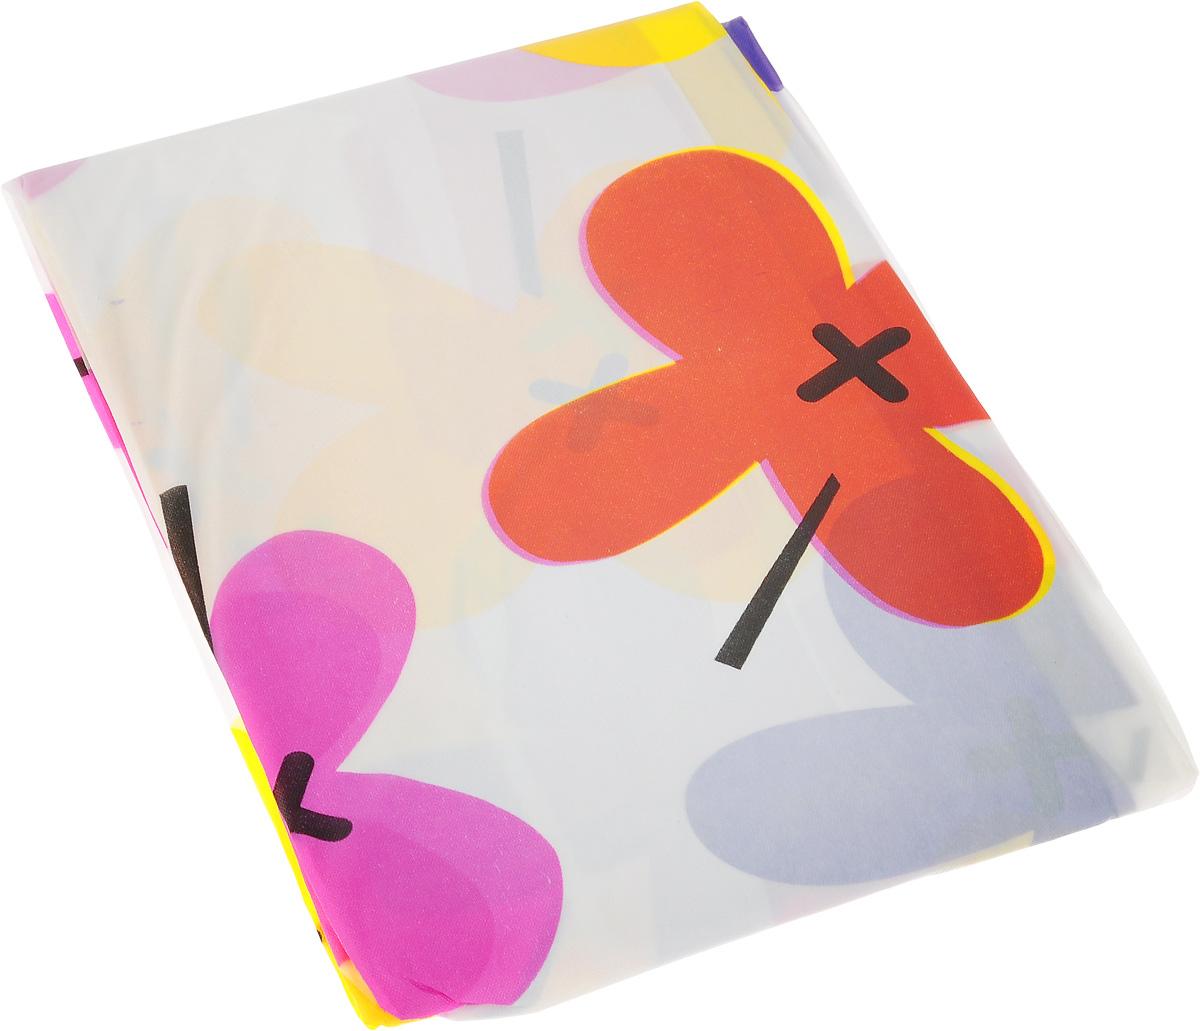 Скатерть Хозяюшка Мила, квадратная, цвет: сиреневый, фиолетовый, желтый, 180 х 180 см36051_сиреневый, фиолетовый, желтыйВеликолепная скатерть Хозяюшка Мила, выполненная из полиэтилена, органично впишется в интерьер любого помещения, а оригинальный дизайн удовлетворит даже самый изысканный вкус. Изделие украшено изображением цветов. Скатерть водонепроницаема. Подходит как для повседневной, так и для праздничной сервировки стола. В современном мире кухня - это не просто помещение для приготовления и приема пищи, это особое место, где собирается вся семья и царит душевная атмосфера. Кухня - душа вашего дома, поэтому важно создать в ней атмосферу уюта.